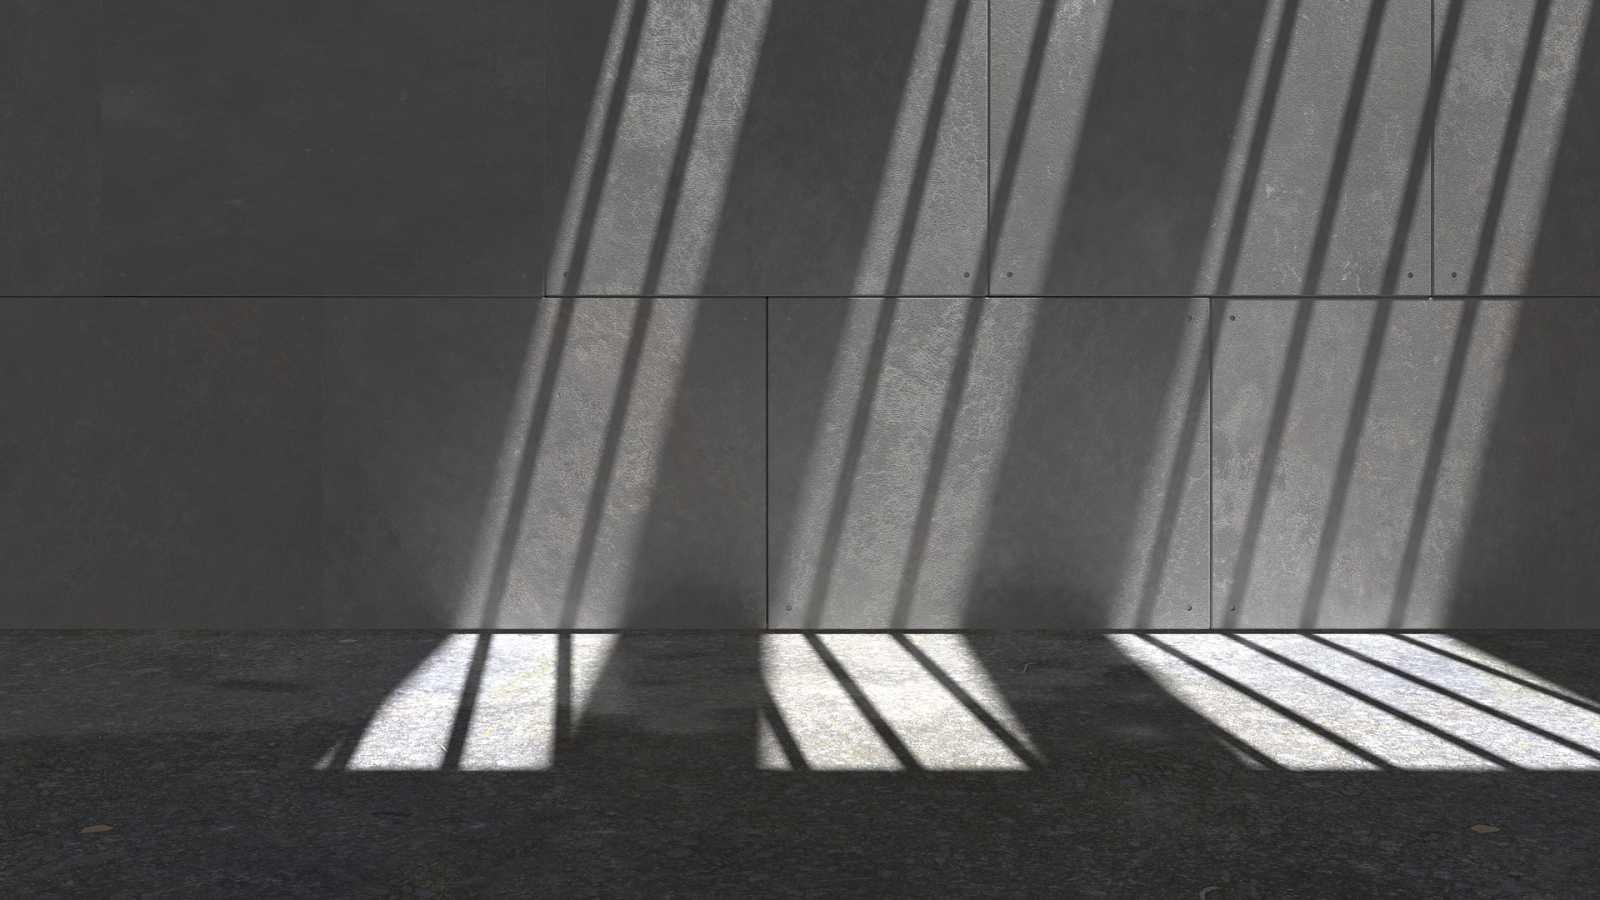 Por tres razones - ¿Para qué sirve una carta si estás en la cárcel? - Escuchar ahora